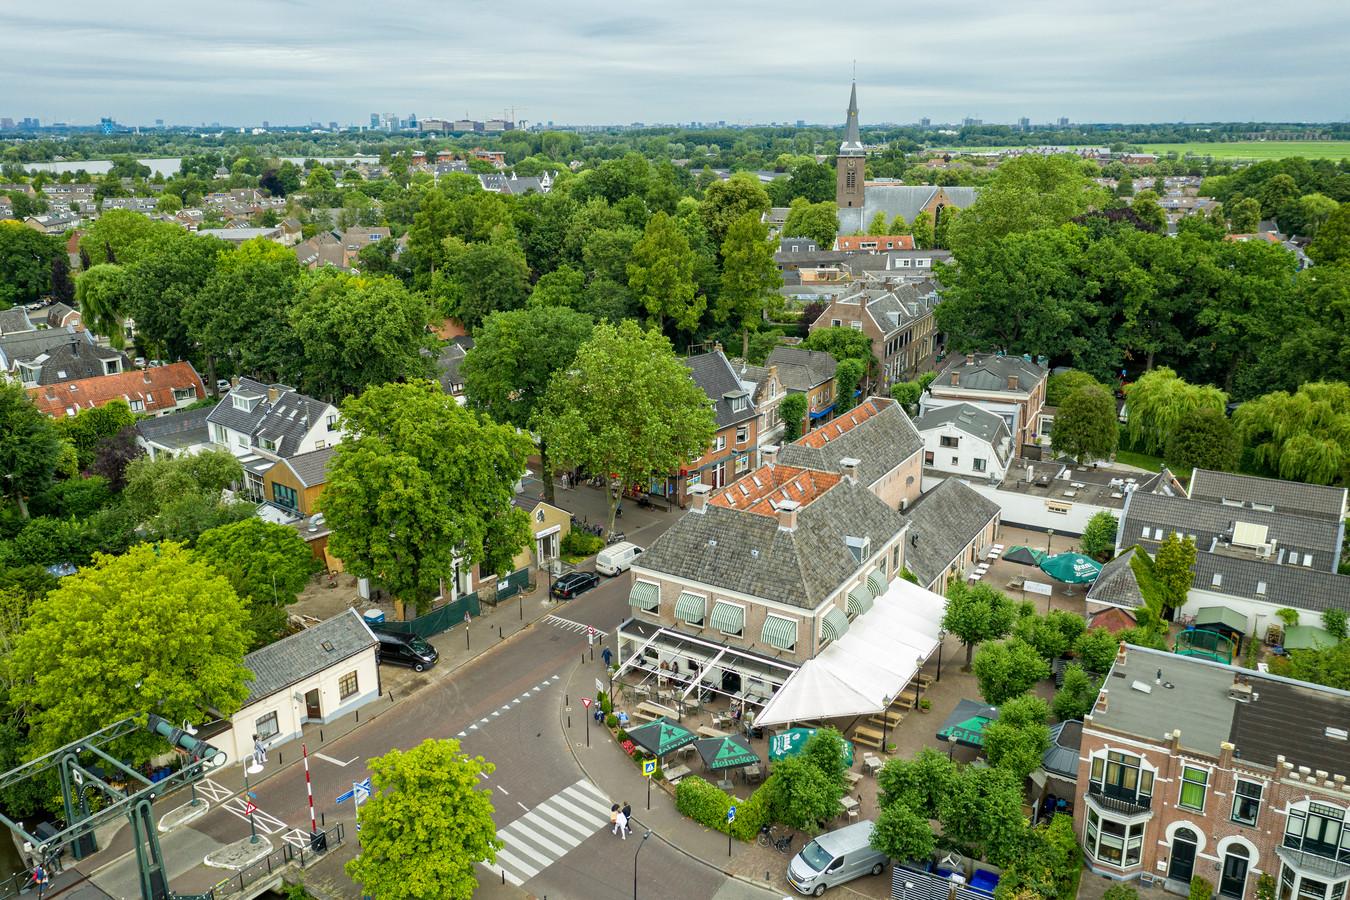 Abcoude, onder de rook van Amsterdam, waar menig BN'er is neergestreken. Slager Gerwin Pouw (50): ,,Vroeger was Abcoude een boerendorp met grote gezinnen. Nu zijn we een stadsdorp met veel mensen uit Amsterdam.''